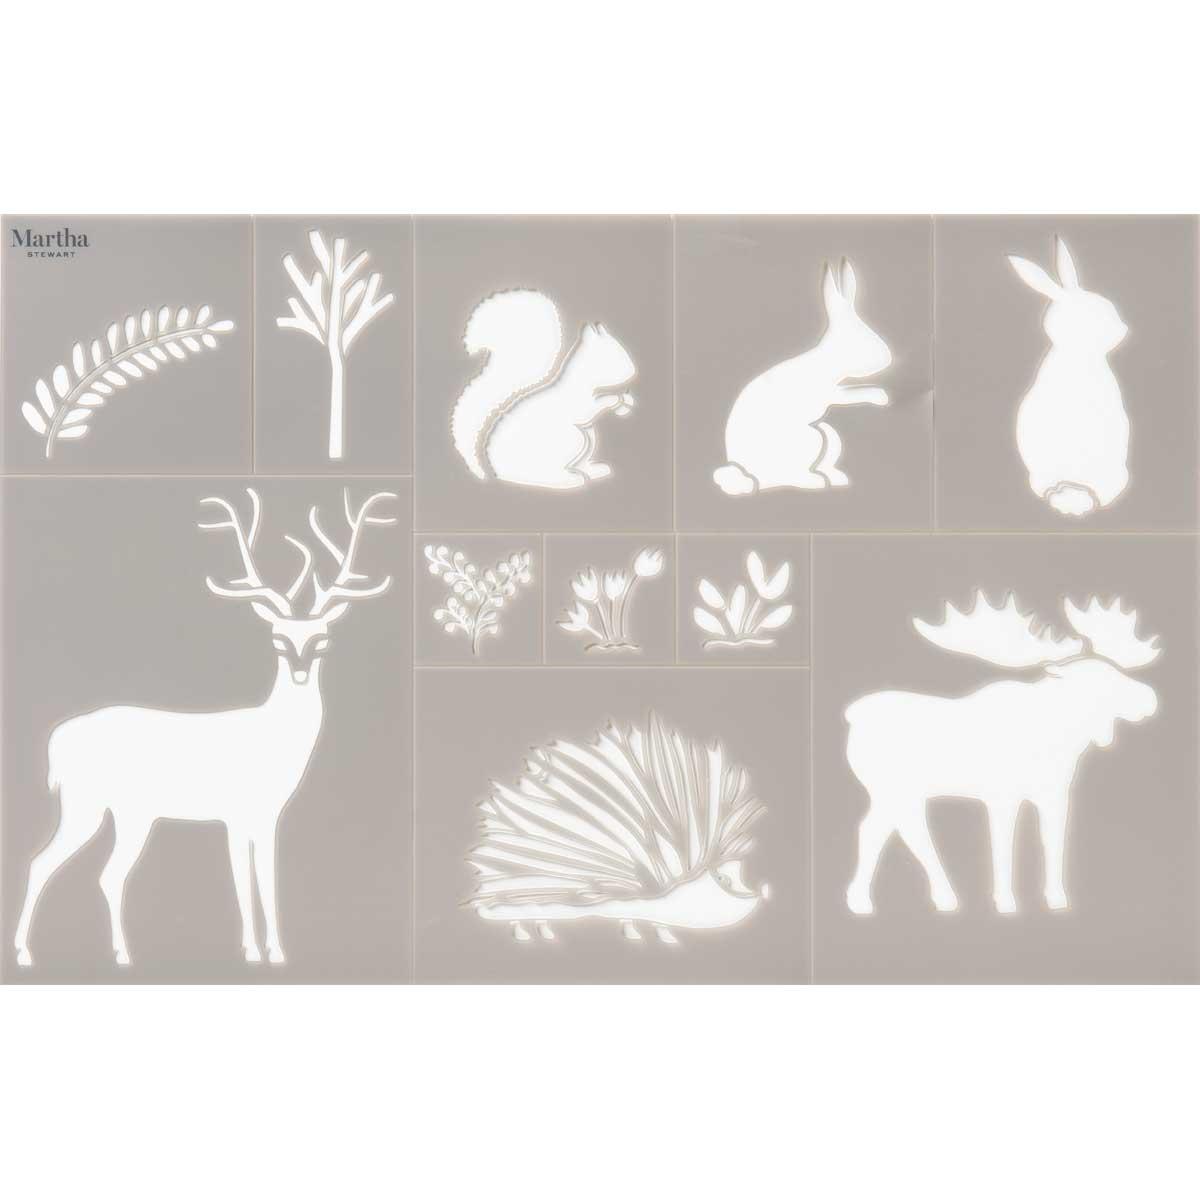 Martha Stewart® Adhesive Stencil - Woodland Animals